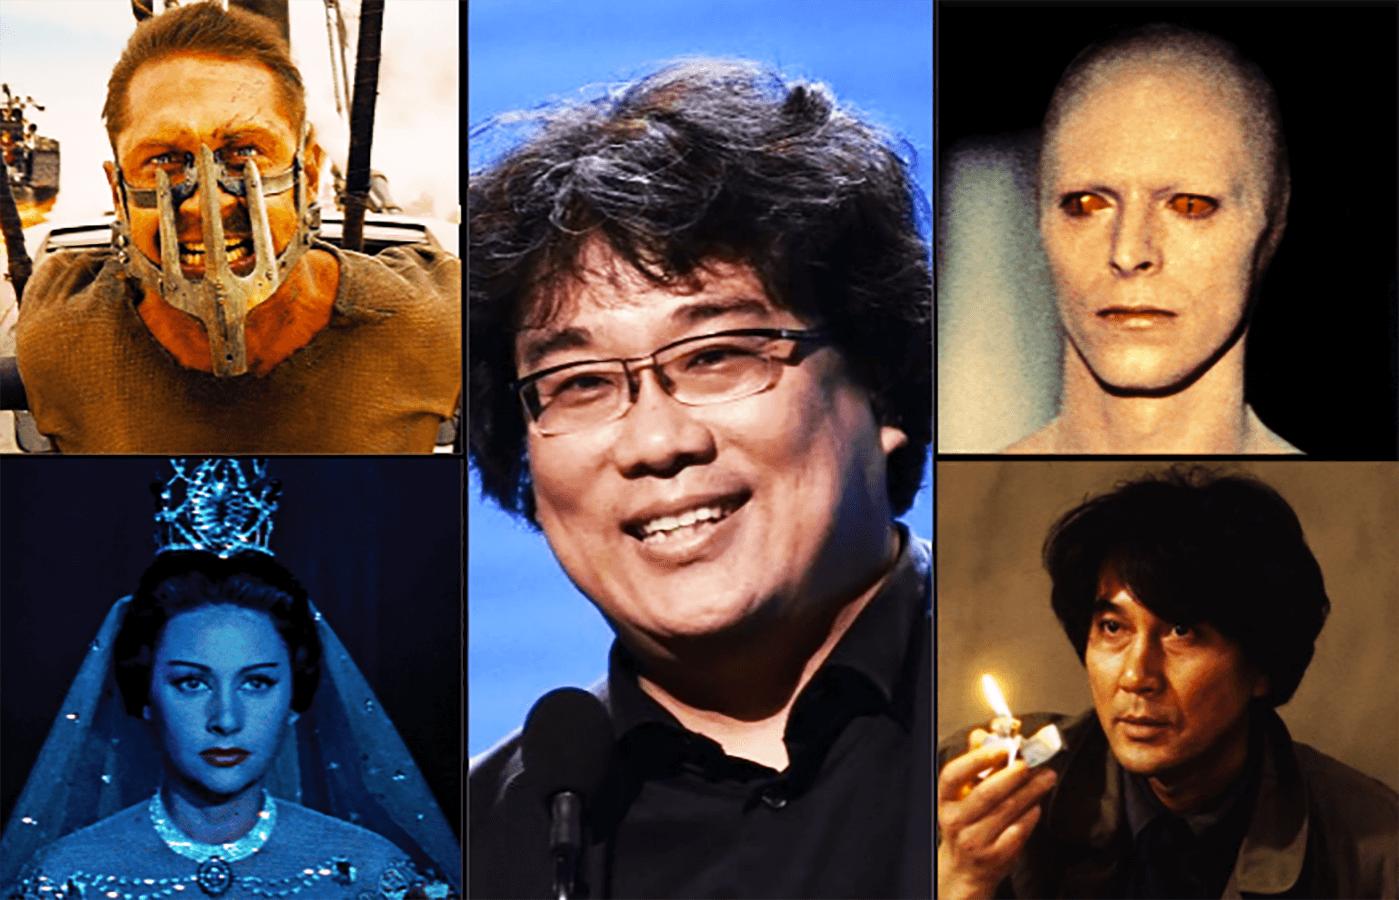 ۳۰ فیلم مورد علاقه کارگردان مطرح بونگ جون هو